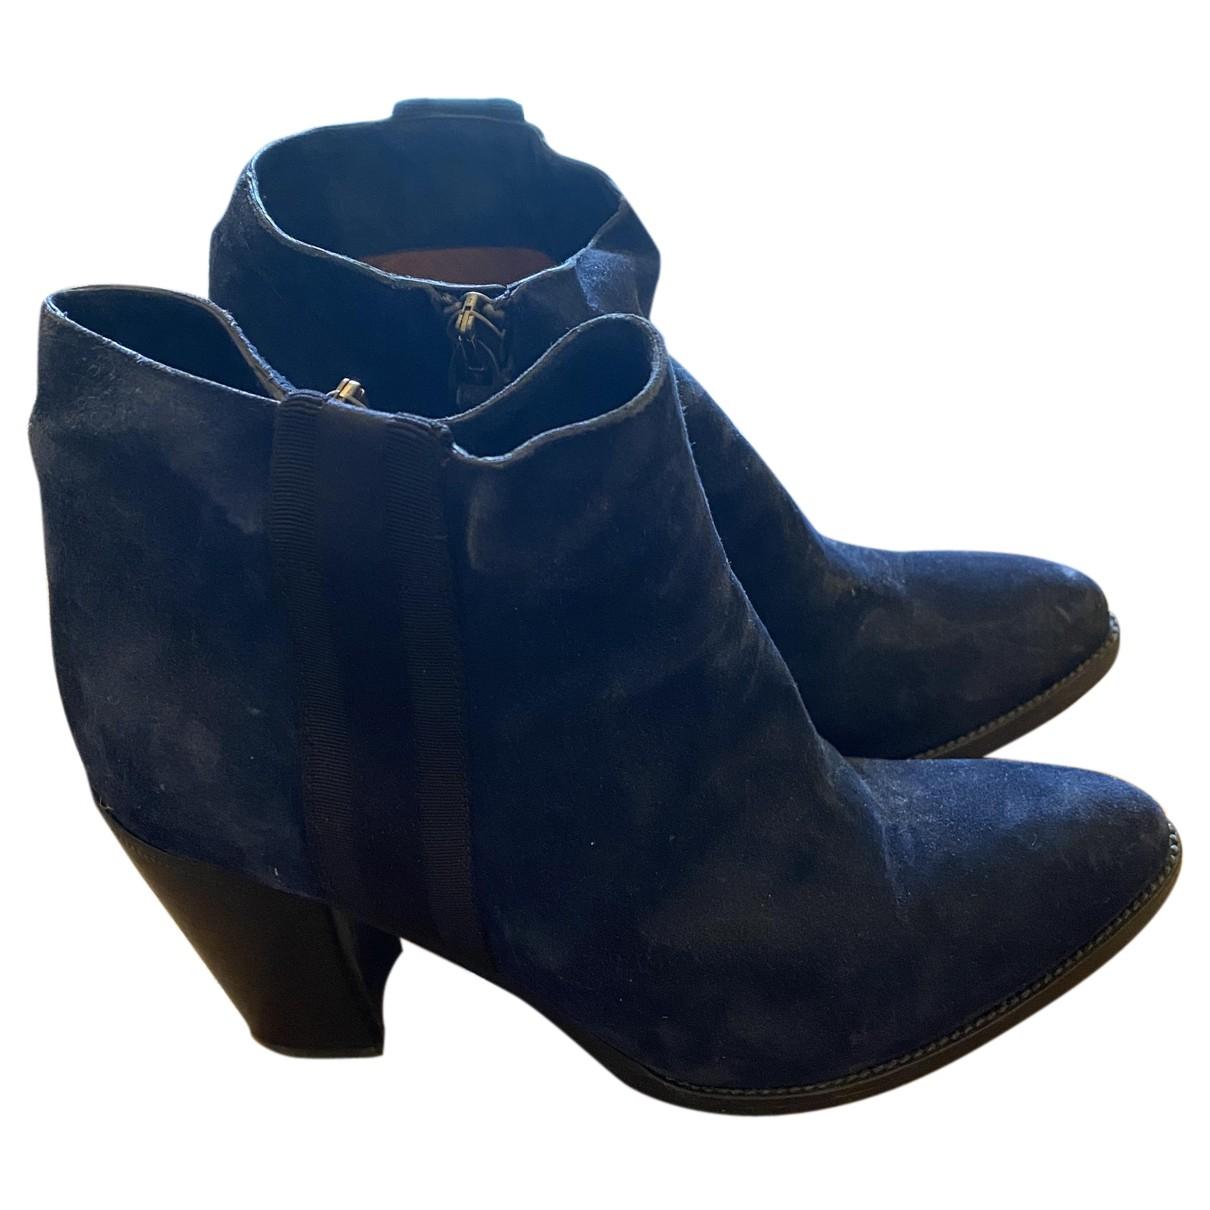 Sartore - Boots   pour femme en cuir - marine